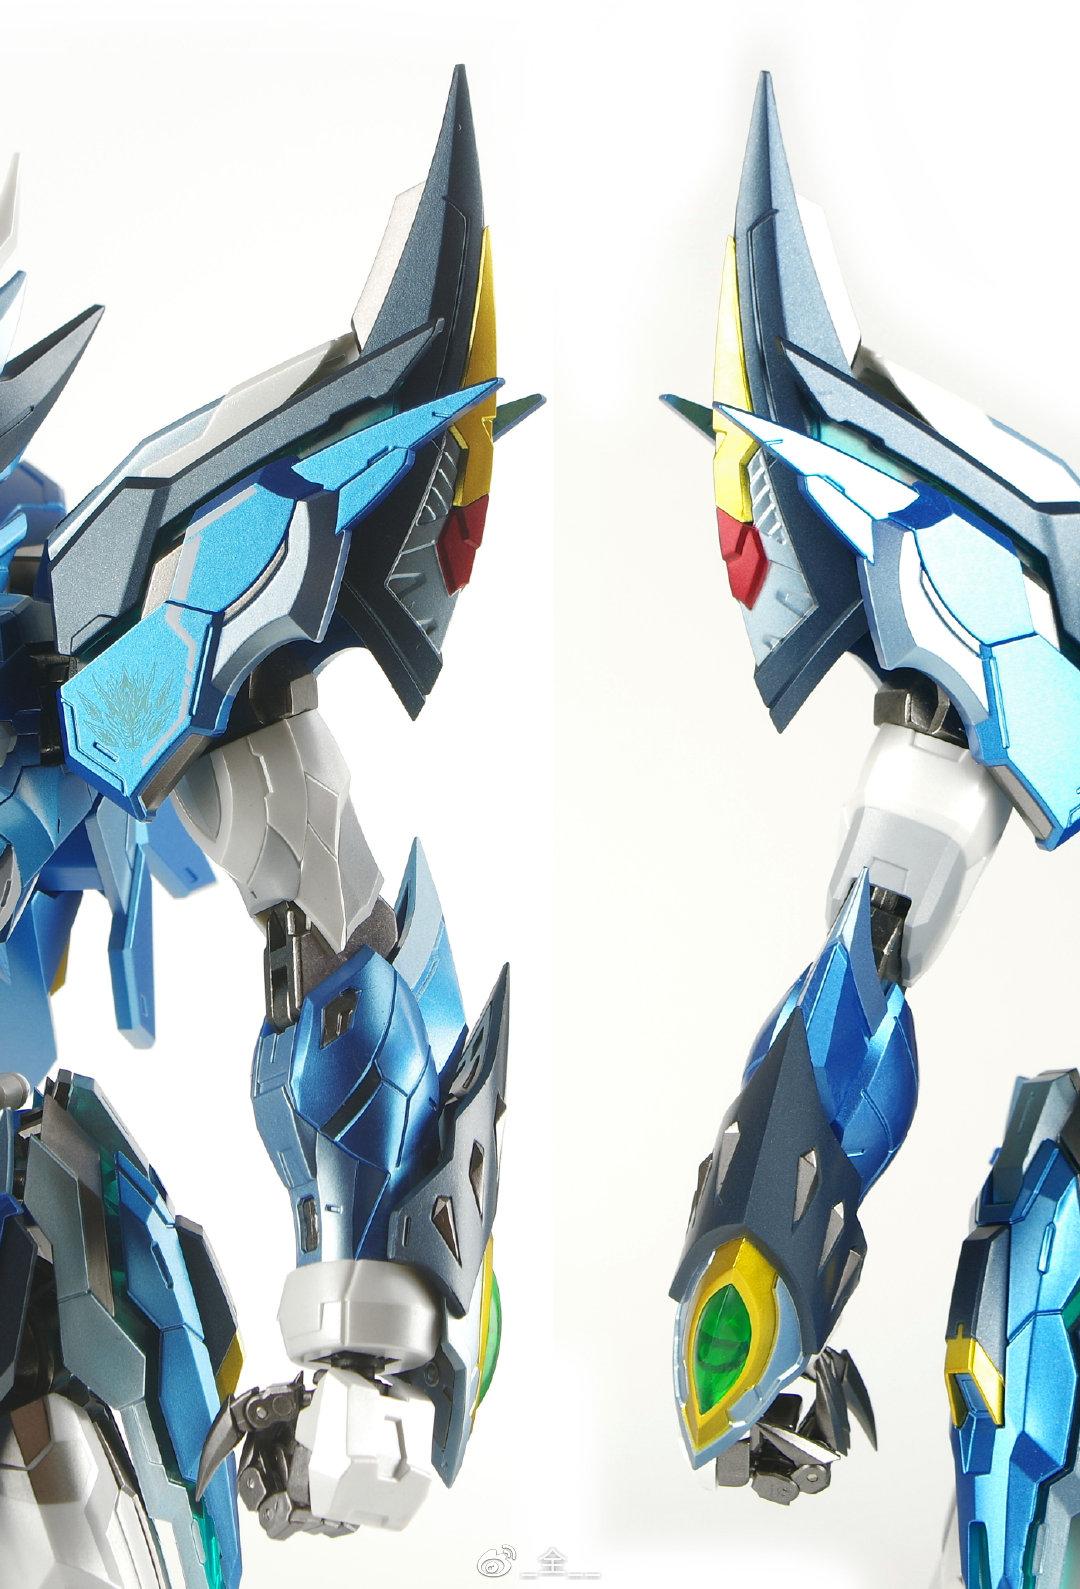 S470_MOTOR_NUCLEAR_MN_Q03_blue_gragon_ao_bing_di_hui_xing_han_long_zi_035.jpg